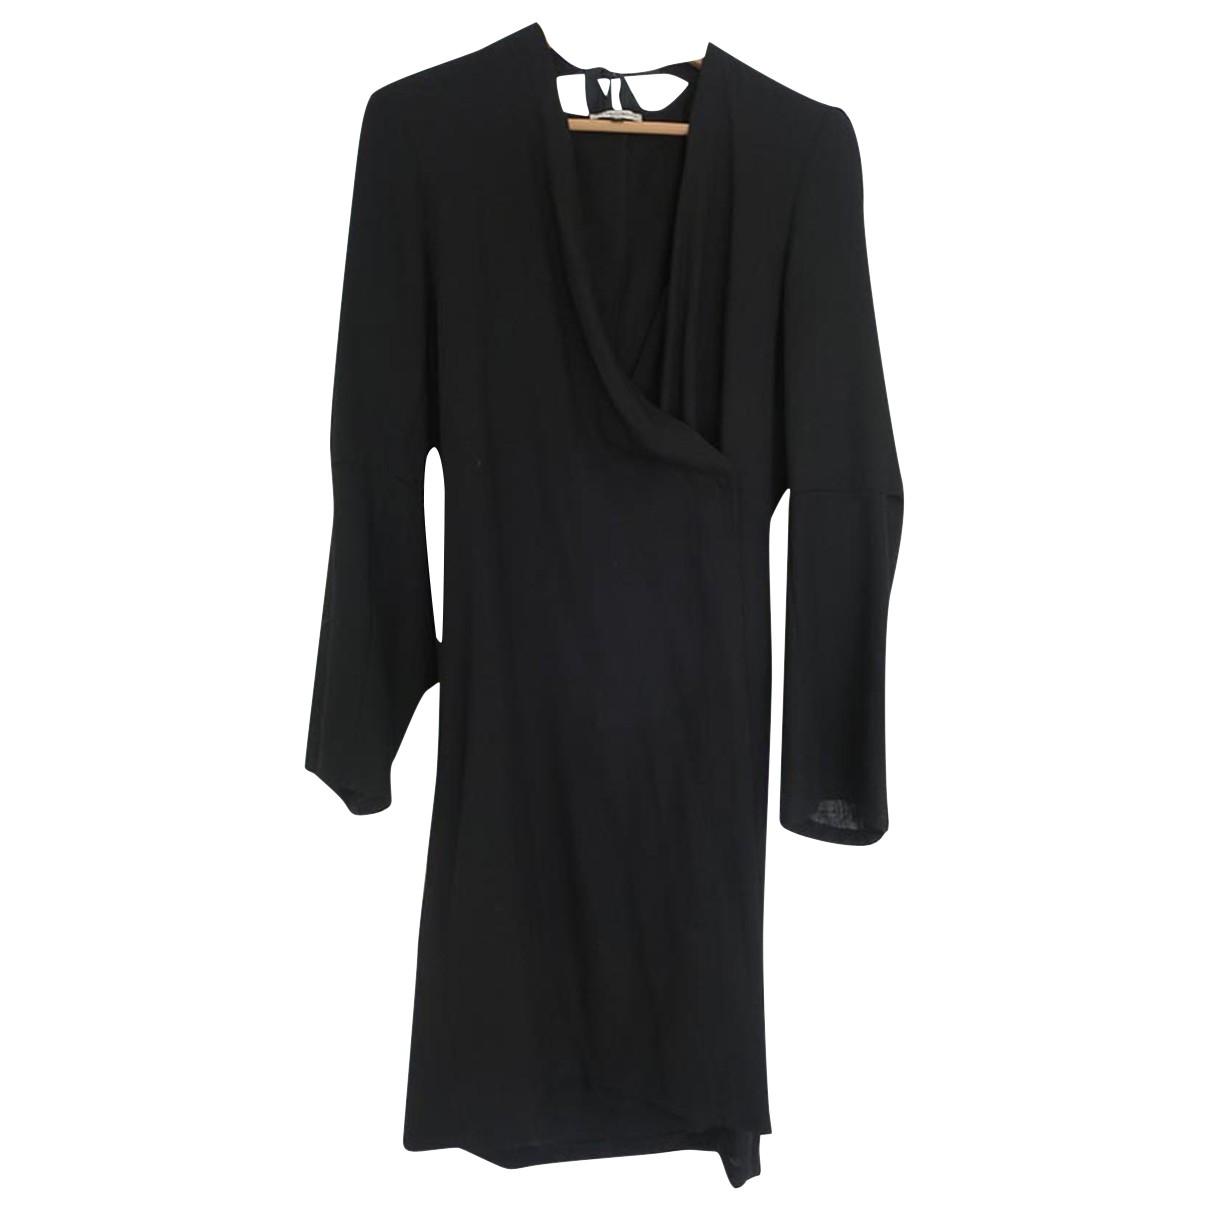 Ann Demeulemeester \N Black Wool dress for Women 36 FR